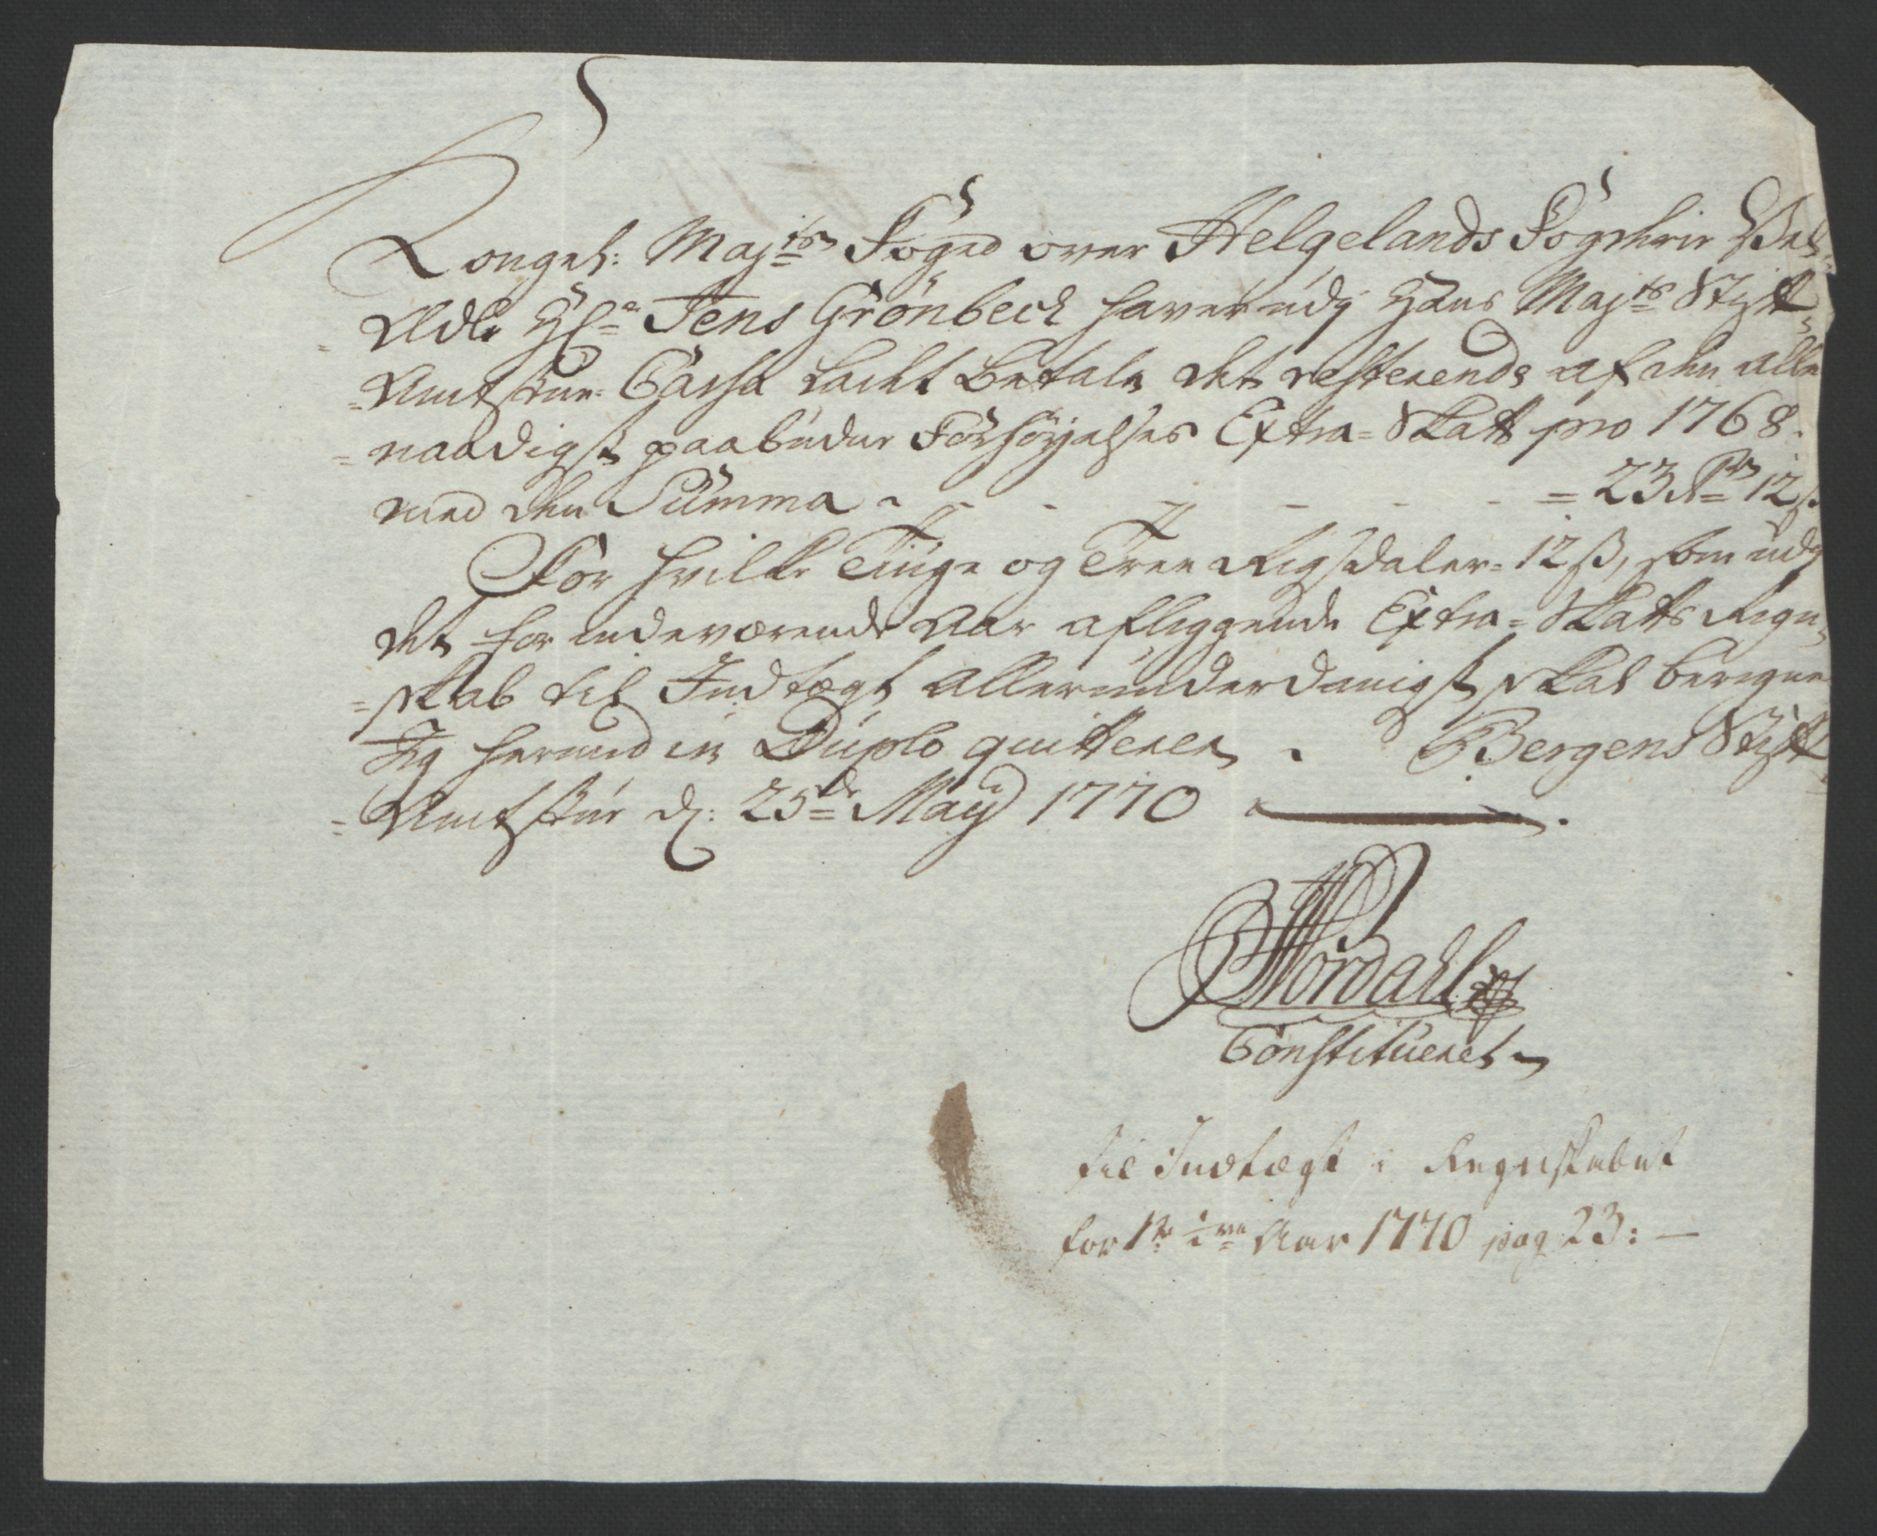 RA, Rentekammeret inntil 1814, Reviderte regnskaper, Fogderegnskap, R65/L4573: Ekstraskatten Helgeland, 1762-1772, s. 300